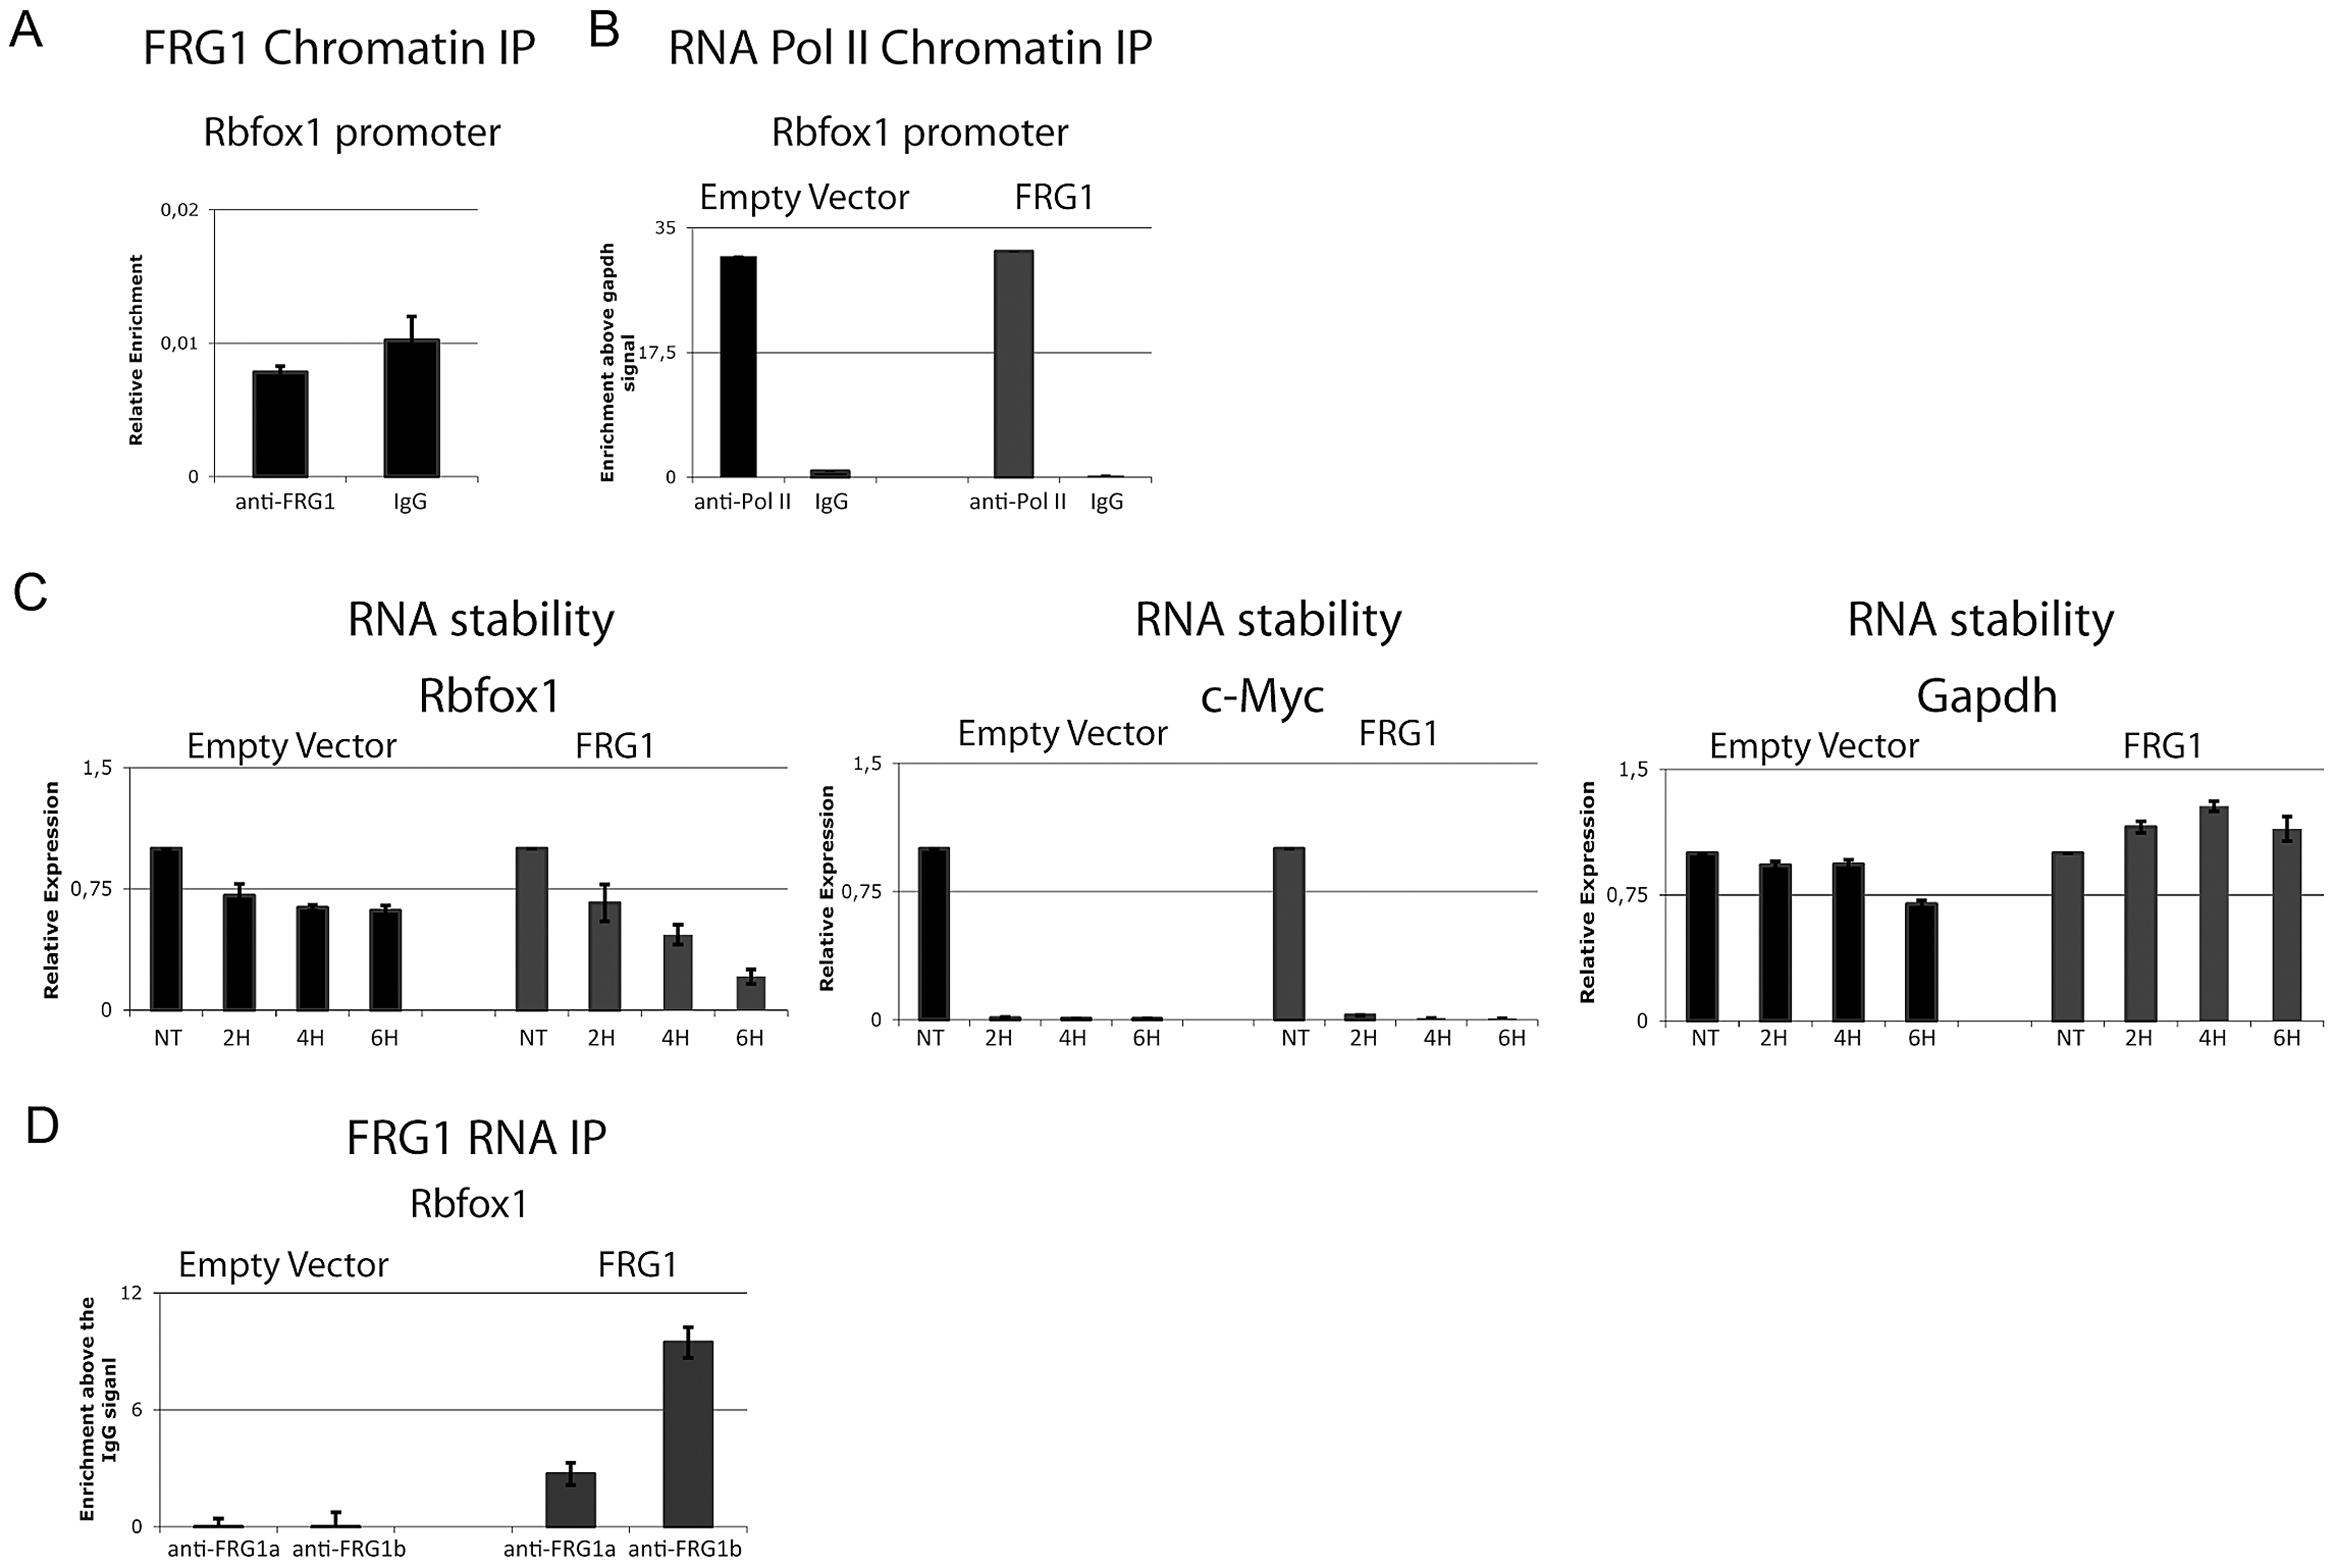 FRG1 regulates the stability of the <i>Rbfox1</i> mRNA.